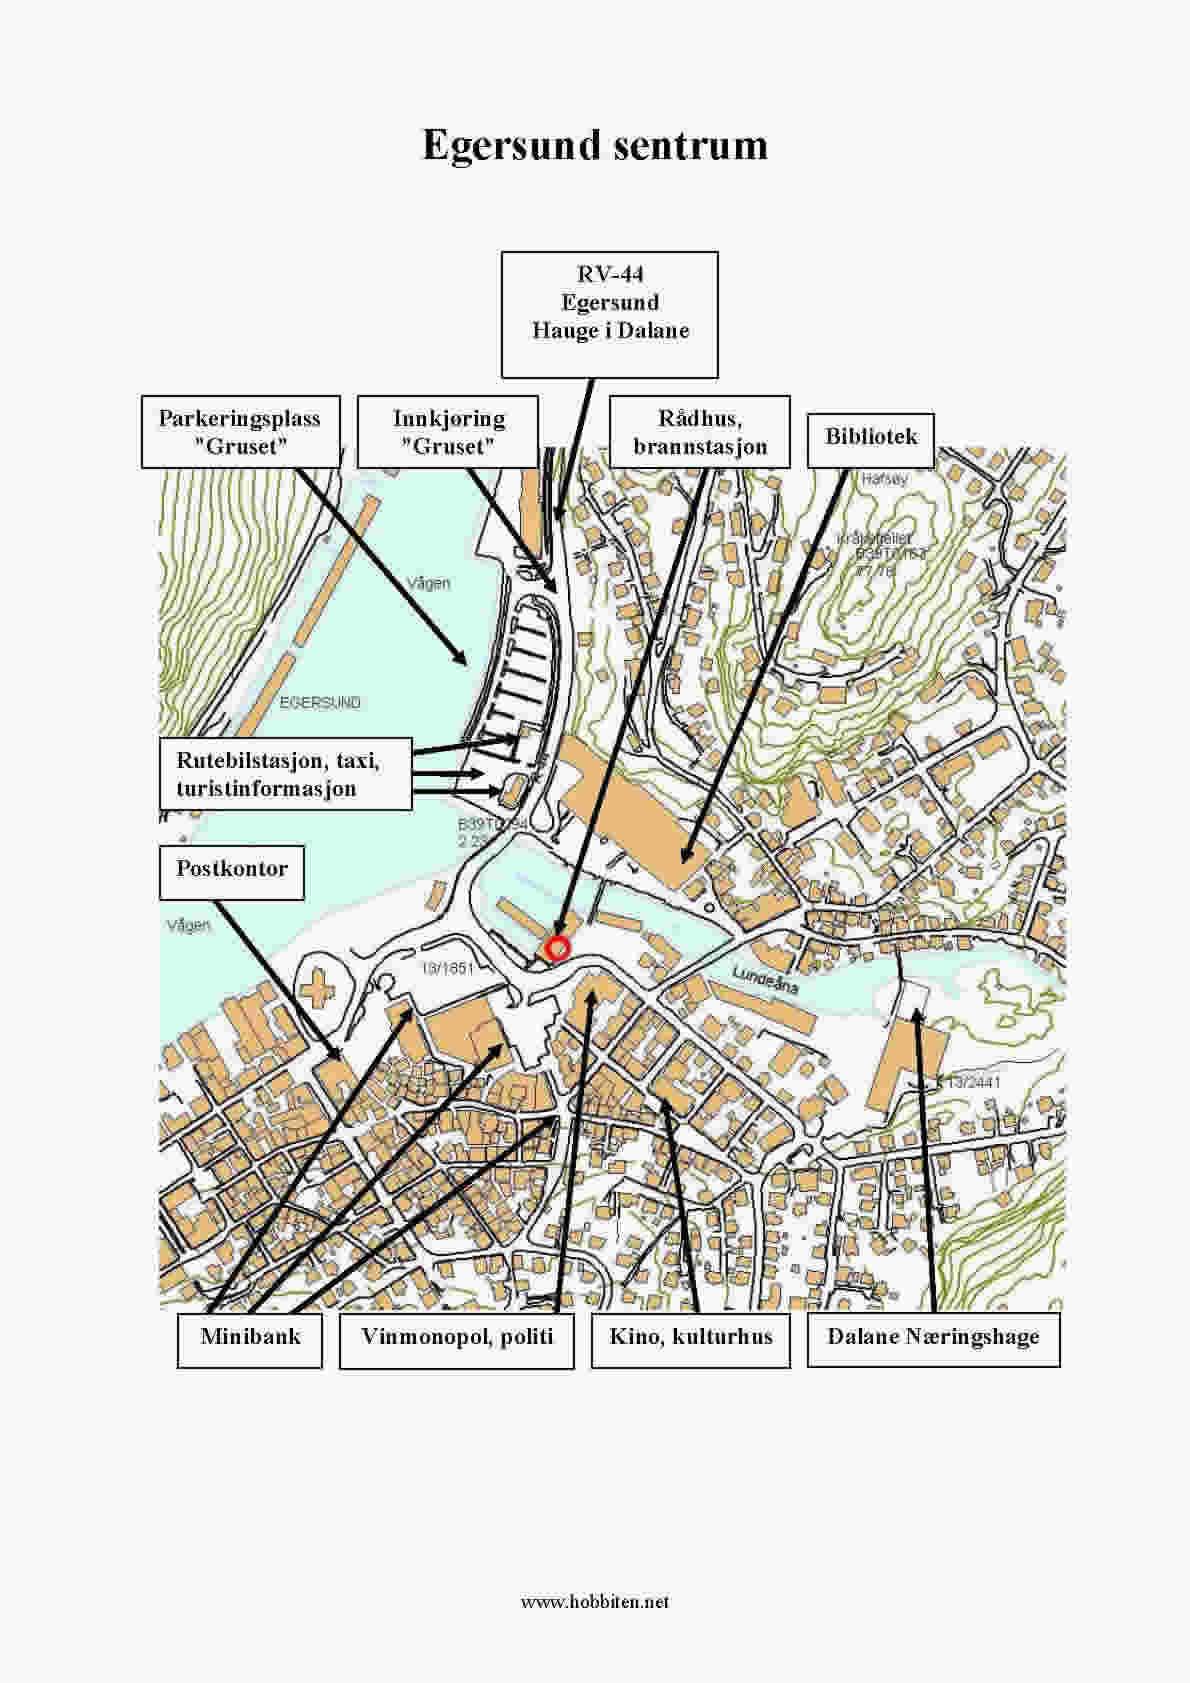 kristiansand rutebilstasjon kart Praktiske opplysninger om Egersund. kristiansand rutebilstasjon kart